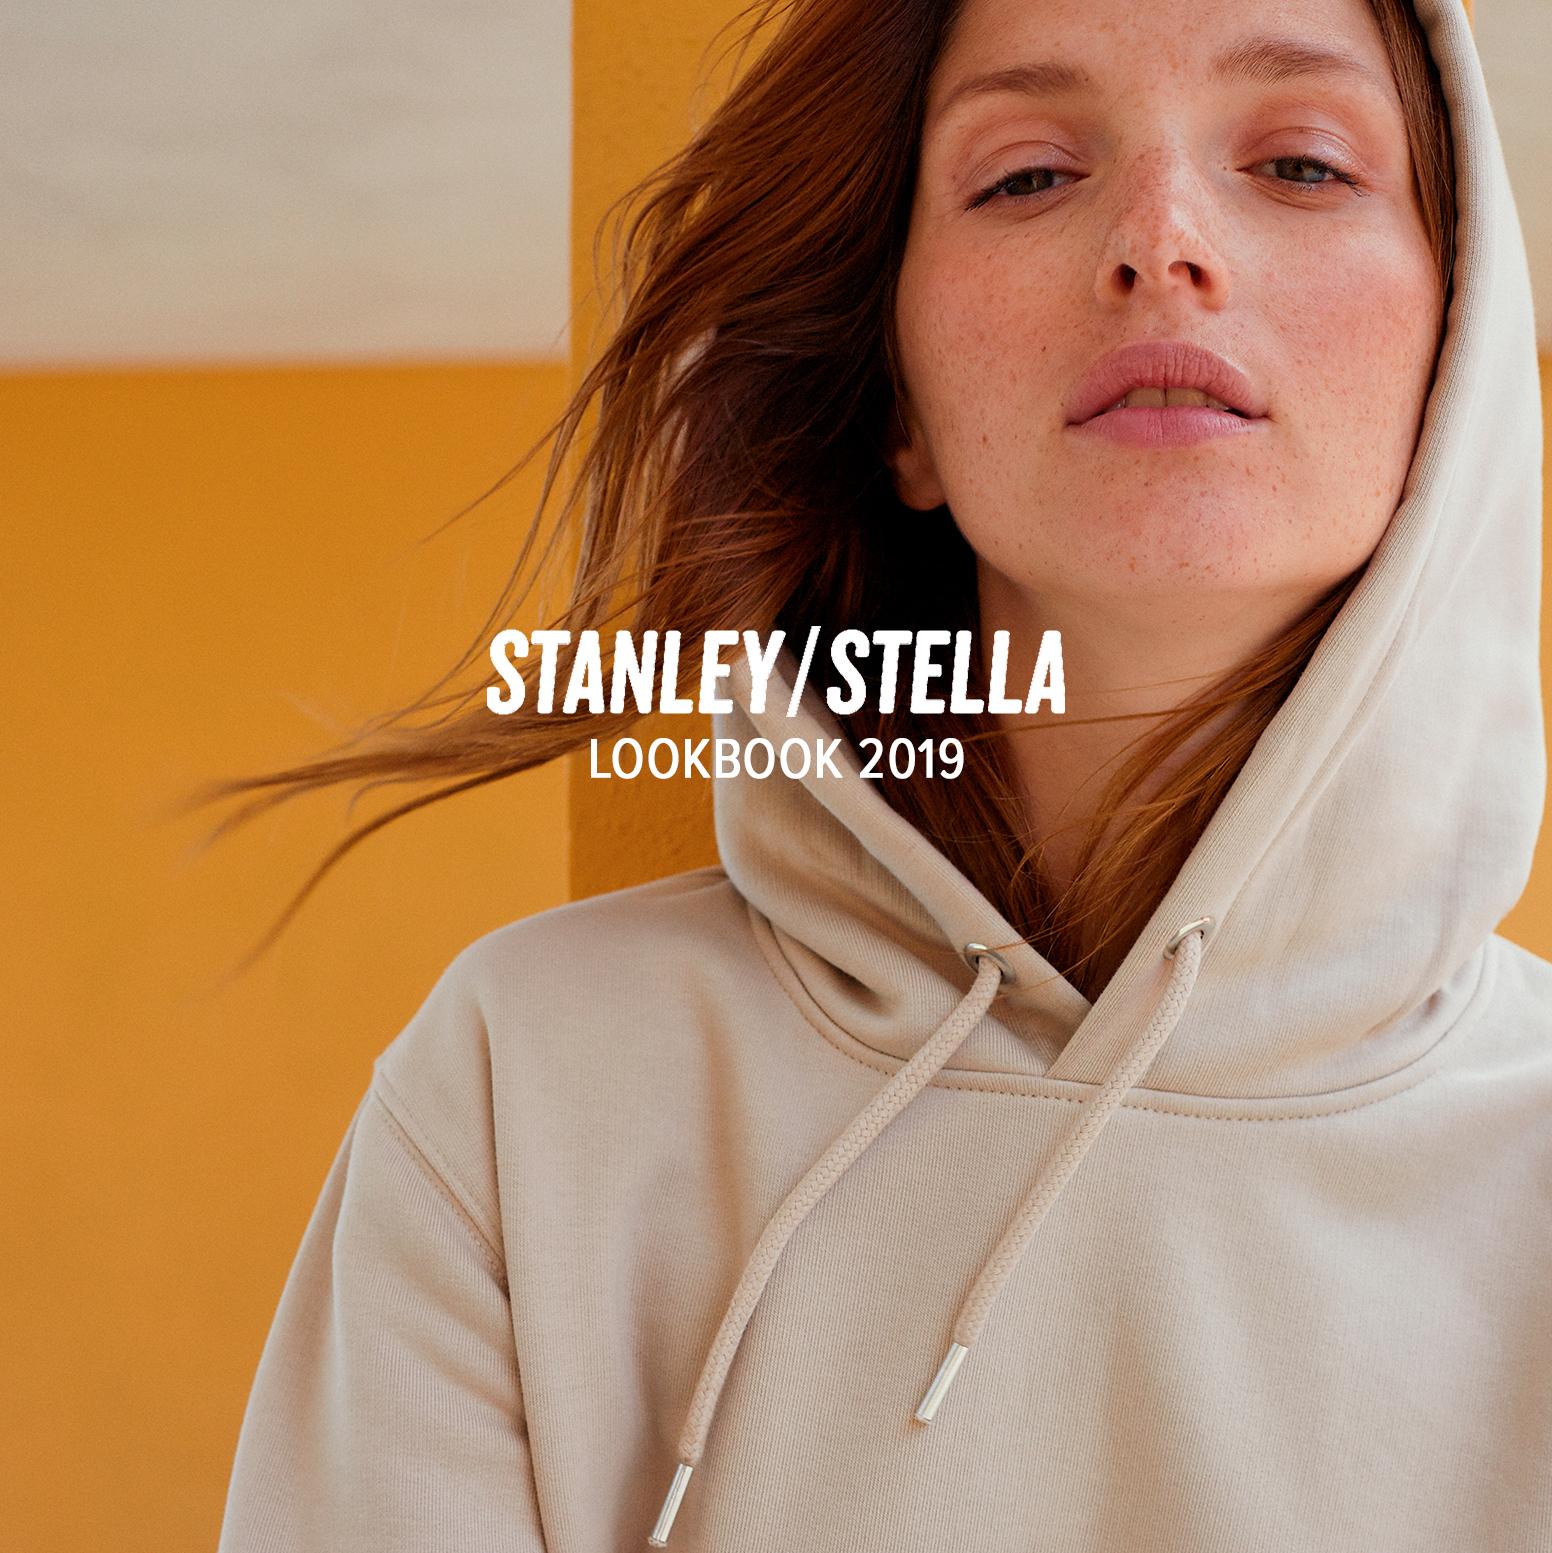 Stanley-Stella-lookbook-2019.jpg